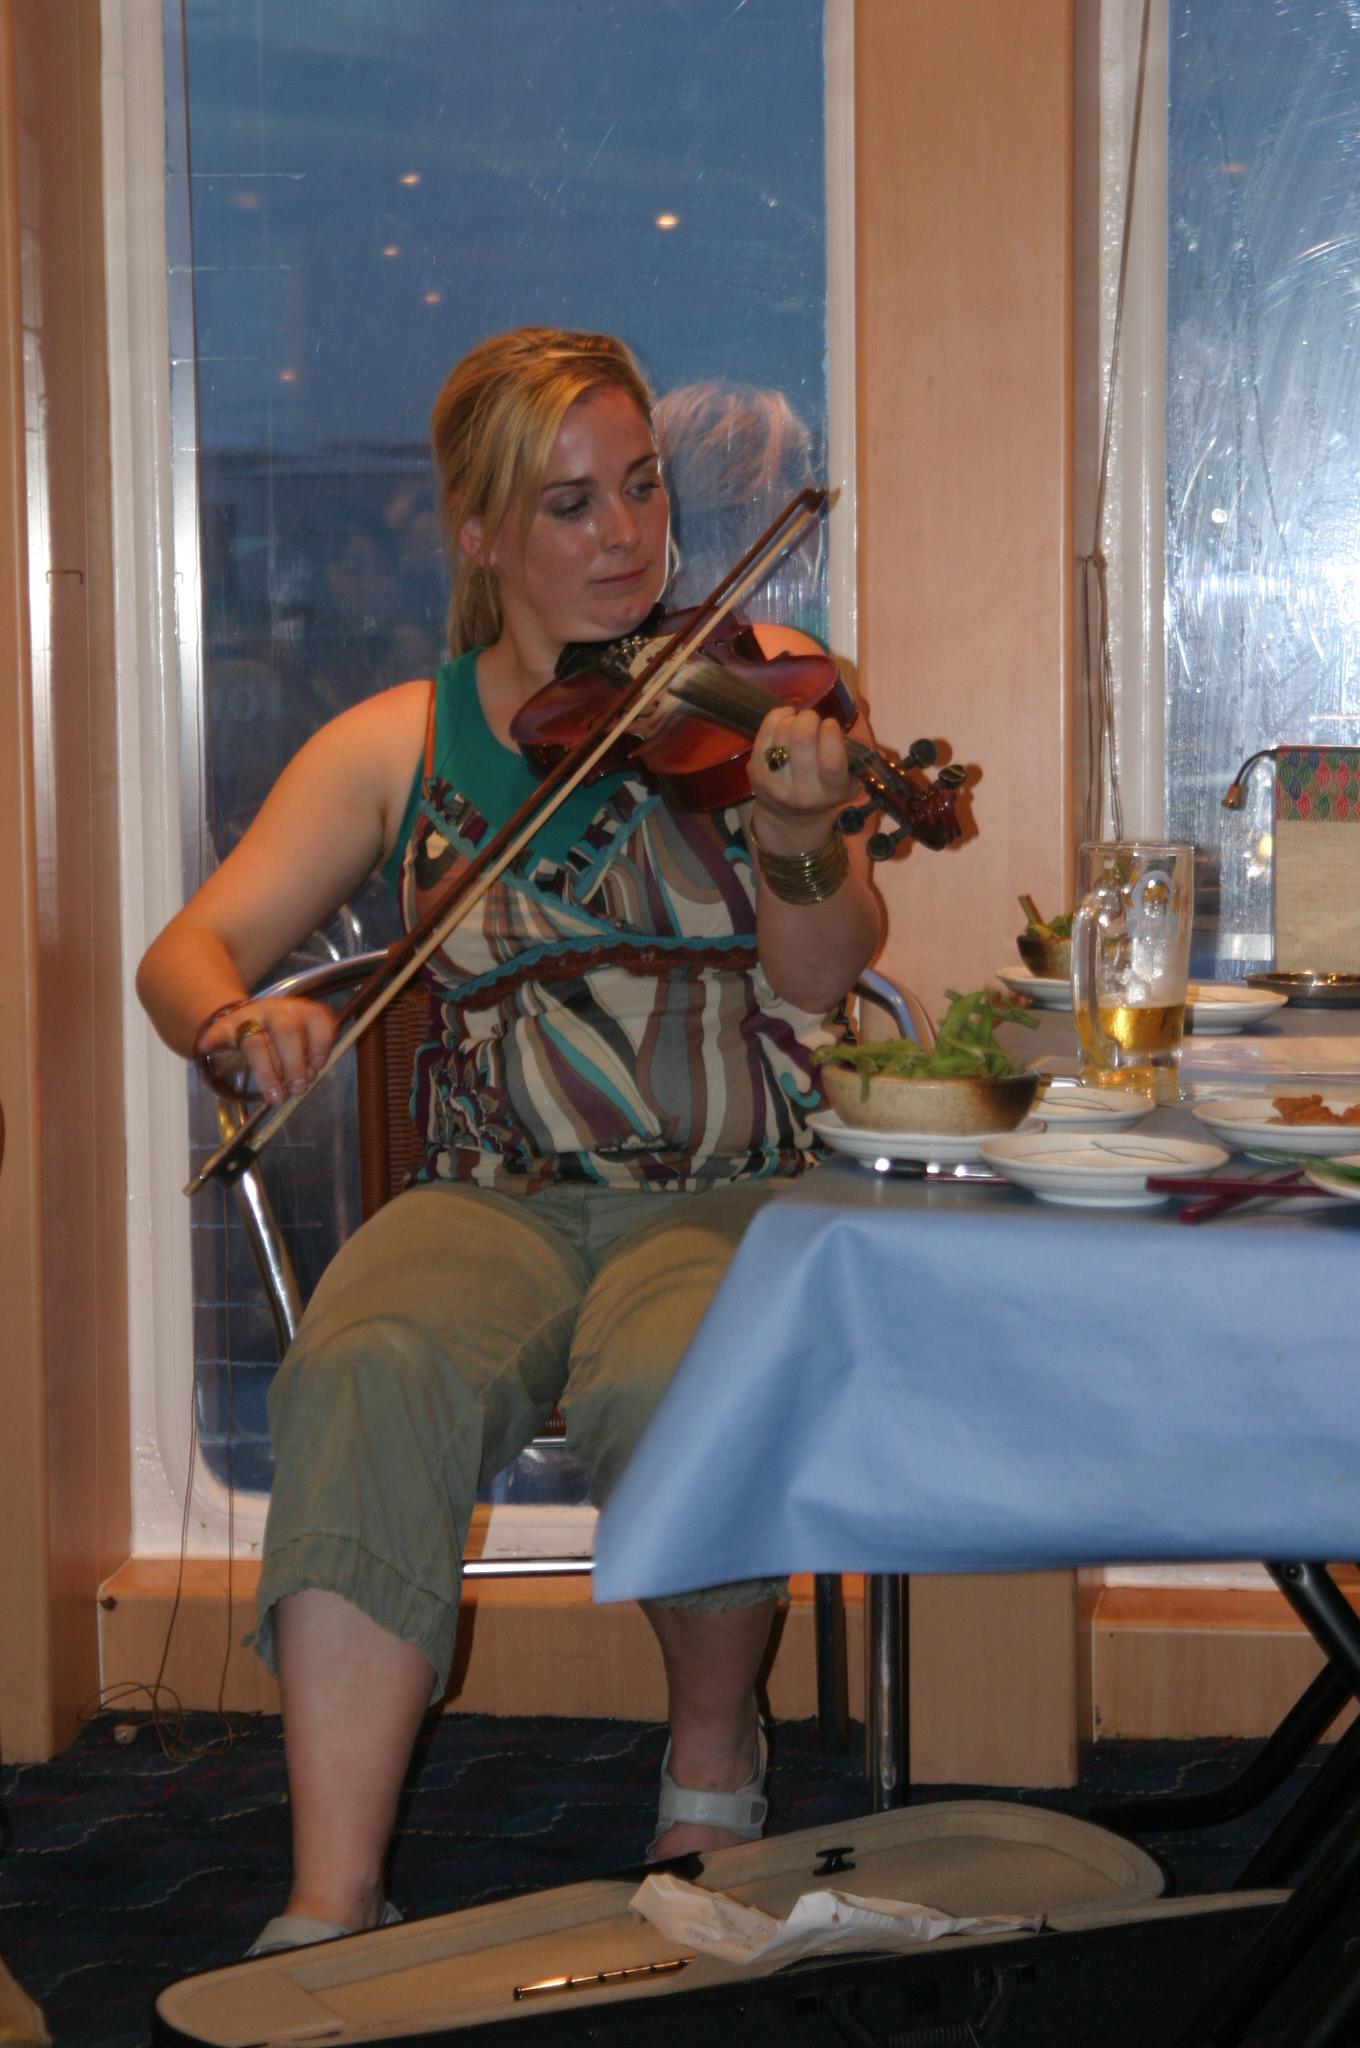 ヴァイオリンを弾くオルラ マッカフレさん